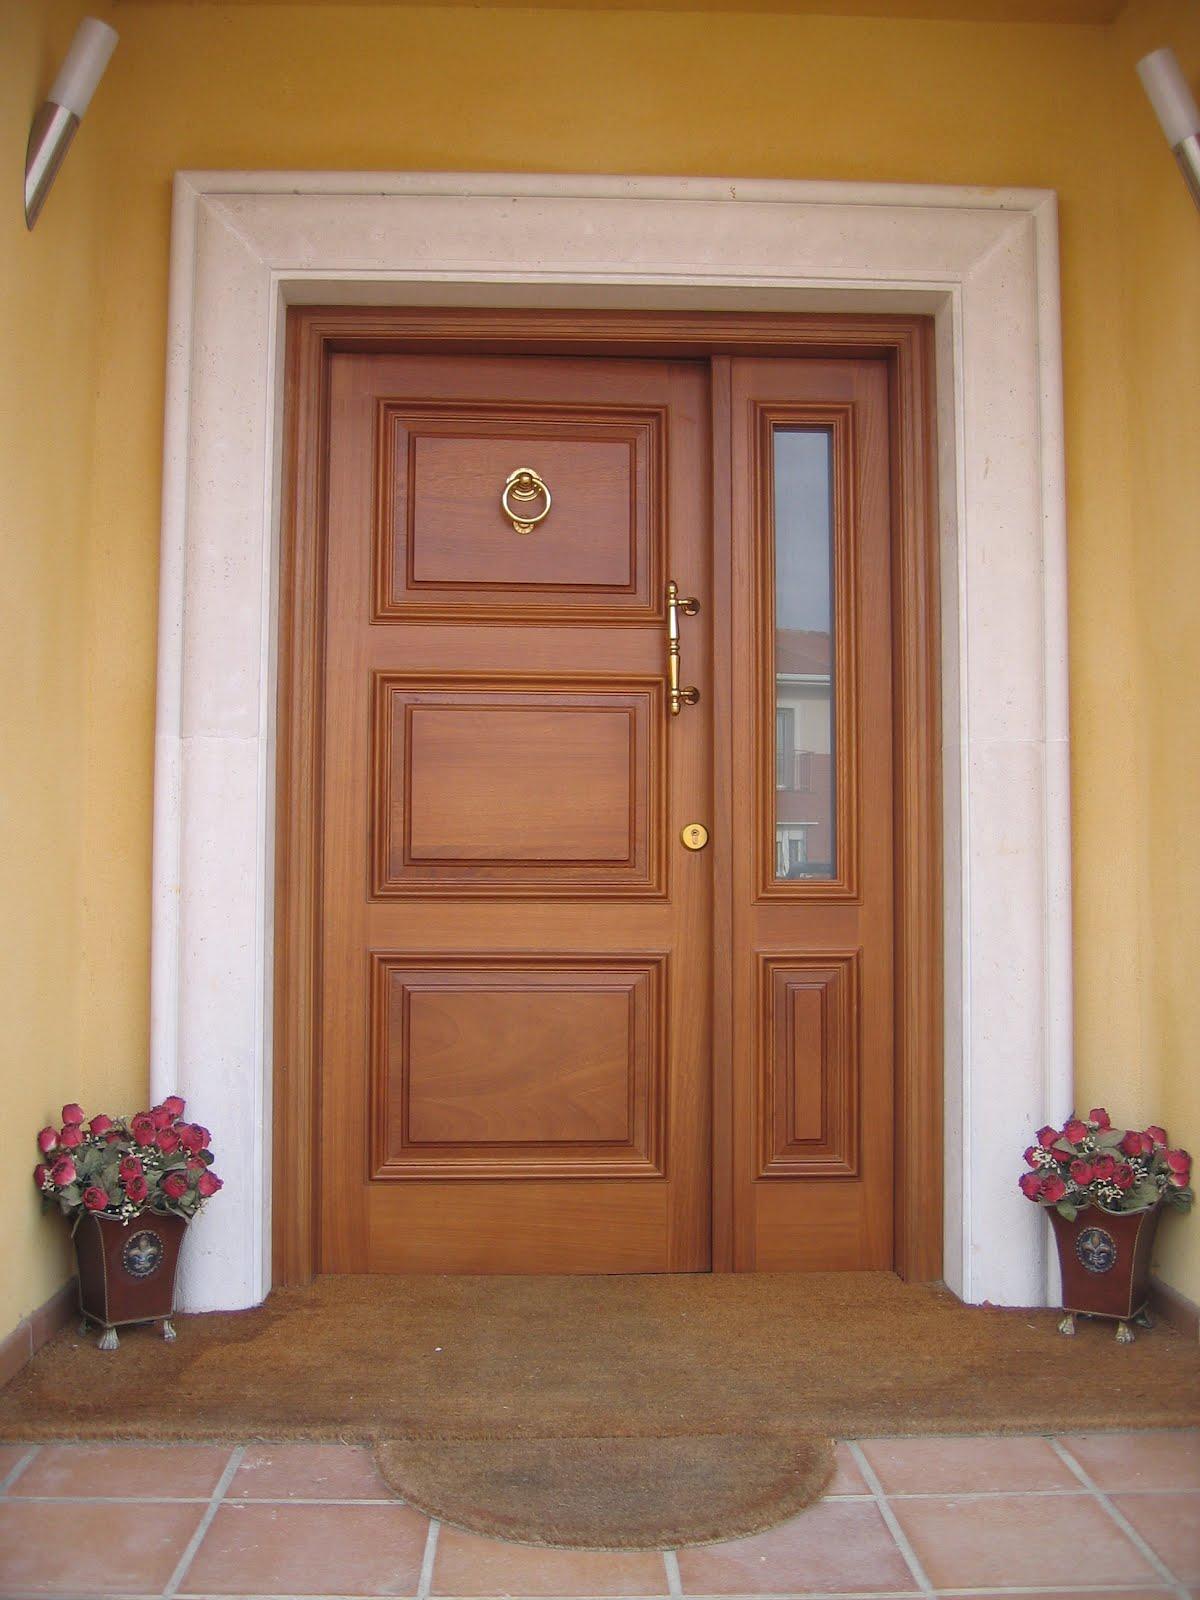 Carpinteria viosca roda febrero 2012 for Puerta xor de tres entradas